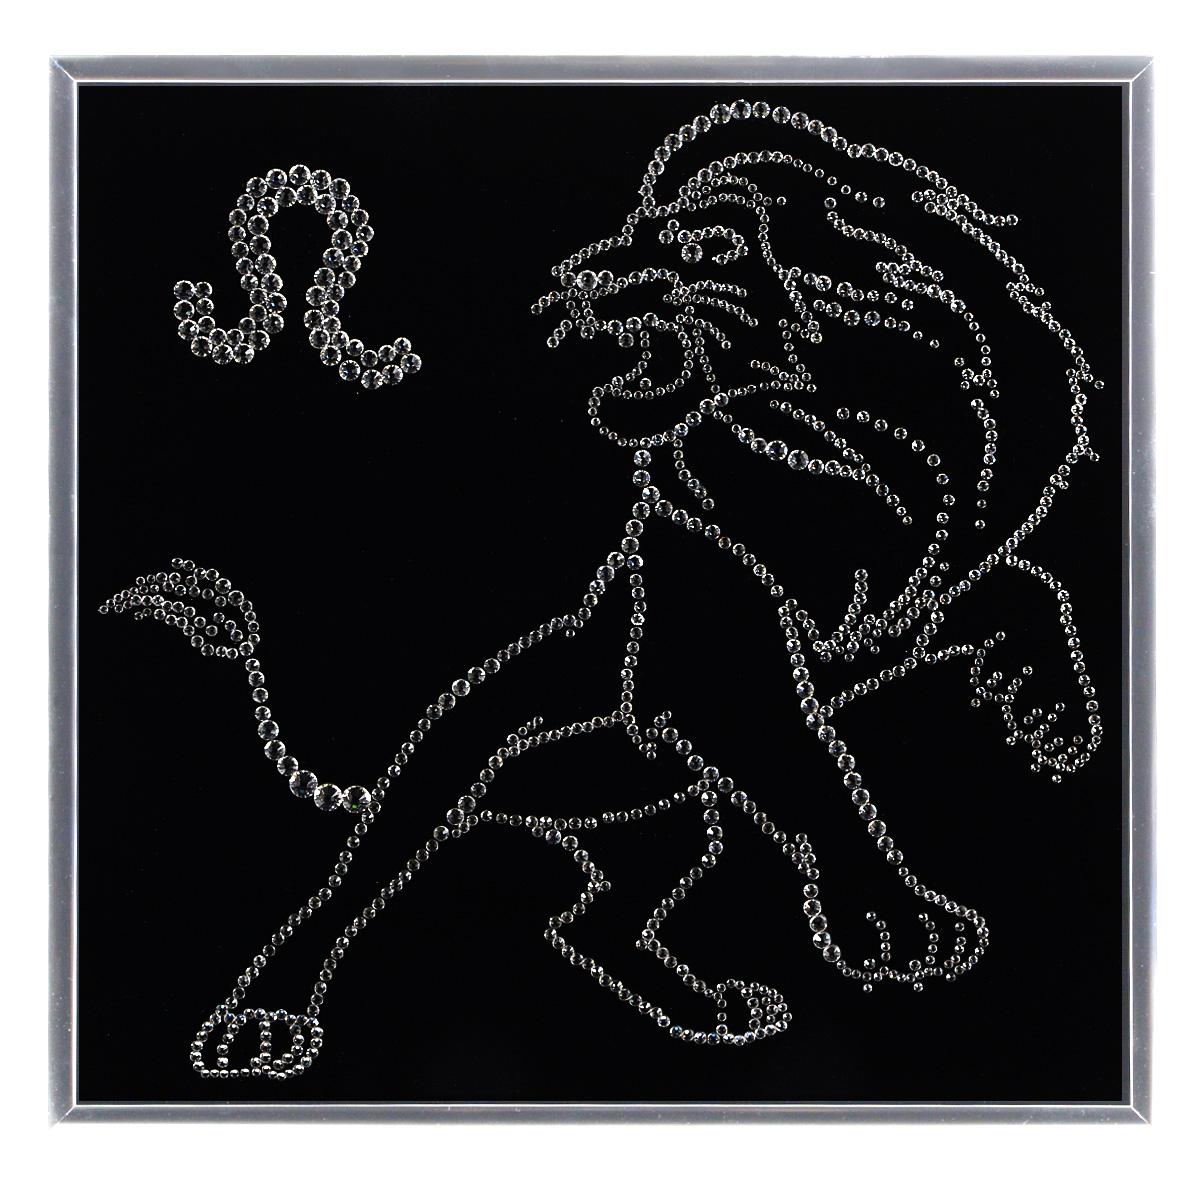 Картина с кристаллами Swarovski Знак зодиака. Лев, 25 х 25 см853127Изящная картина в металлической раме, инкрустирована кристаллами Swarovski в виде созвездия знака зодиака - лев. Кристаллы Swarovski отличаются четкой и ровной огранкой, ярким блеском и чистотой цвета. Под стеклом картина оформлена бархатистой тканью, что прекрасно дополняет блеск кристаллов. С обратной стороны имеется металлическая петелька для размещения картины на стене. Картина с кристаллами Swarovski Знак зодиака. Лев элегантно украсит интерьер дома или офиса, а также станет прекрасным подарком, который обязательно понравится получателю. Блеск кристаллов в интерьере, что может быть сказочнее и удивительнее. Картина упакована в подарочную картонную коробку синего цвета и комплектуется сертификатом соответствия Swarovski.